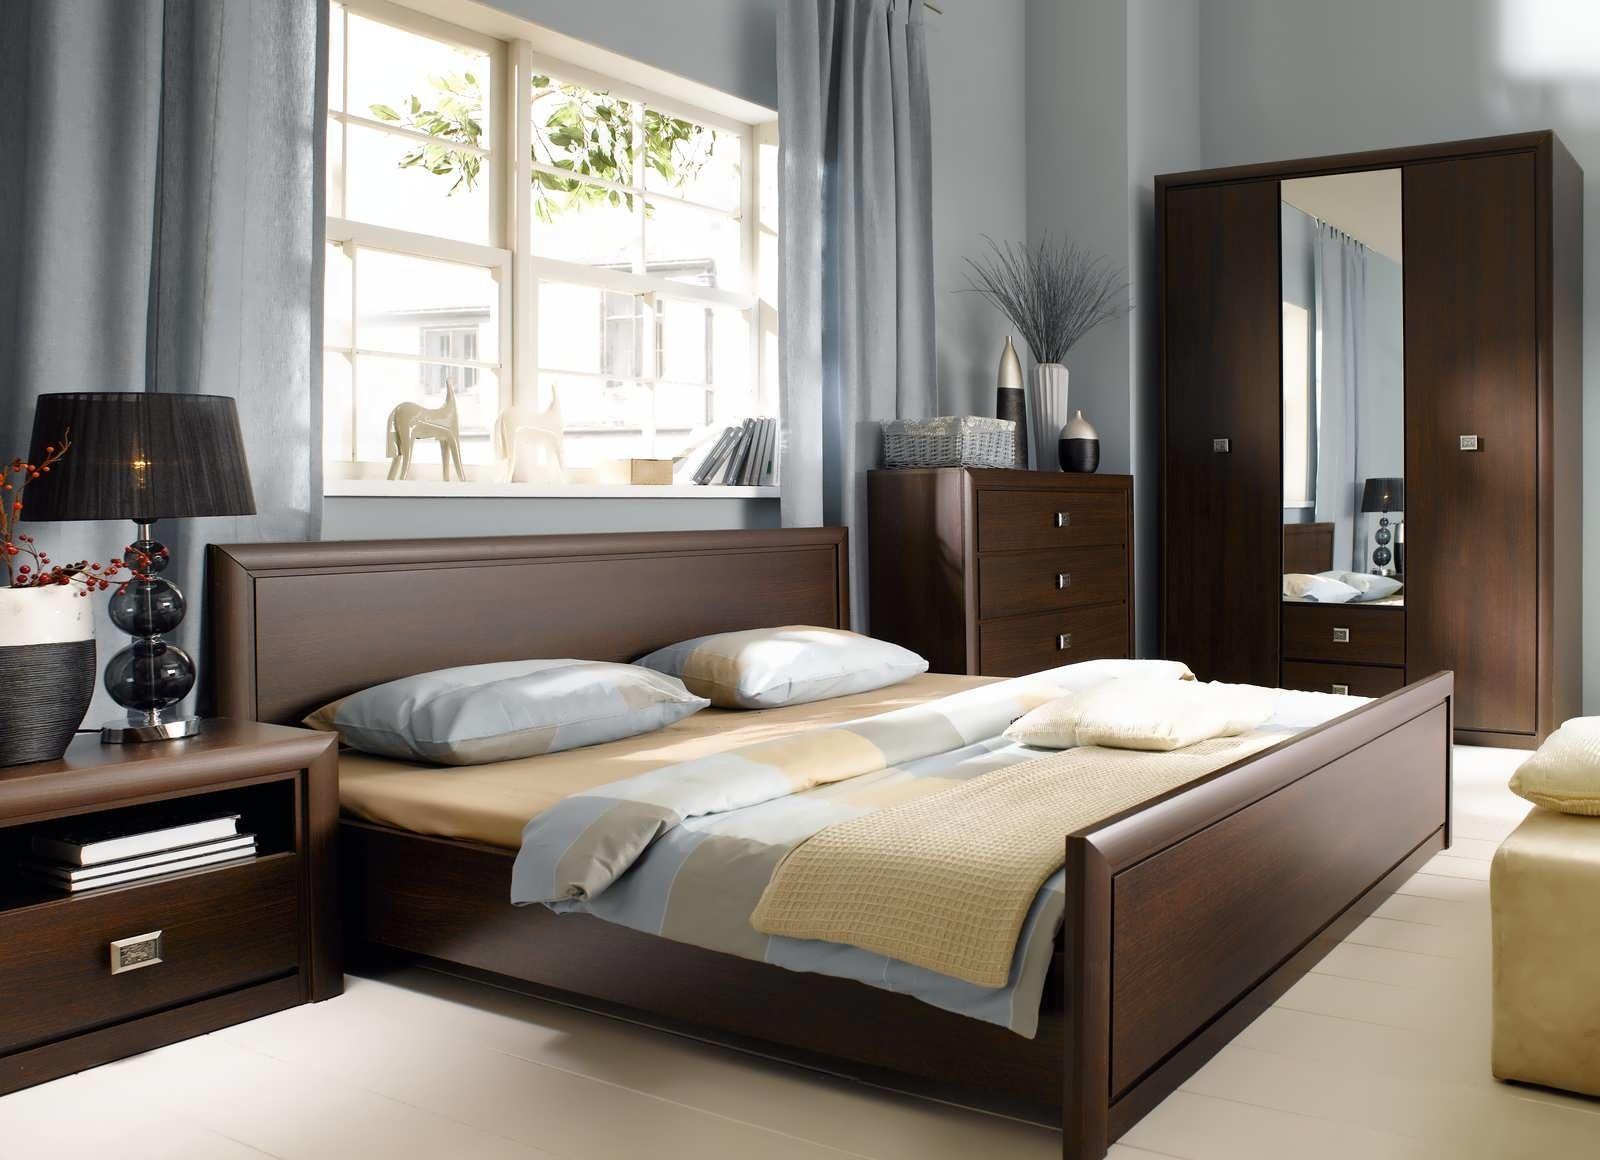 Koen Solidnyj Temnyj Cvet Sistemy Smotritsya Krasivo I Spokojno Moshnyj Korpus I Izysk Classic Bedroom Design Classic Bedroom